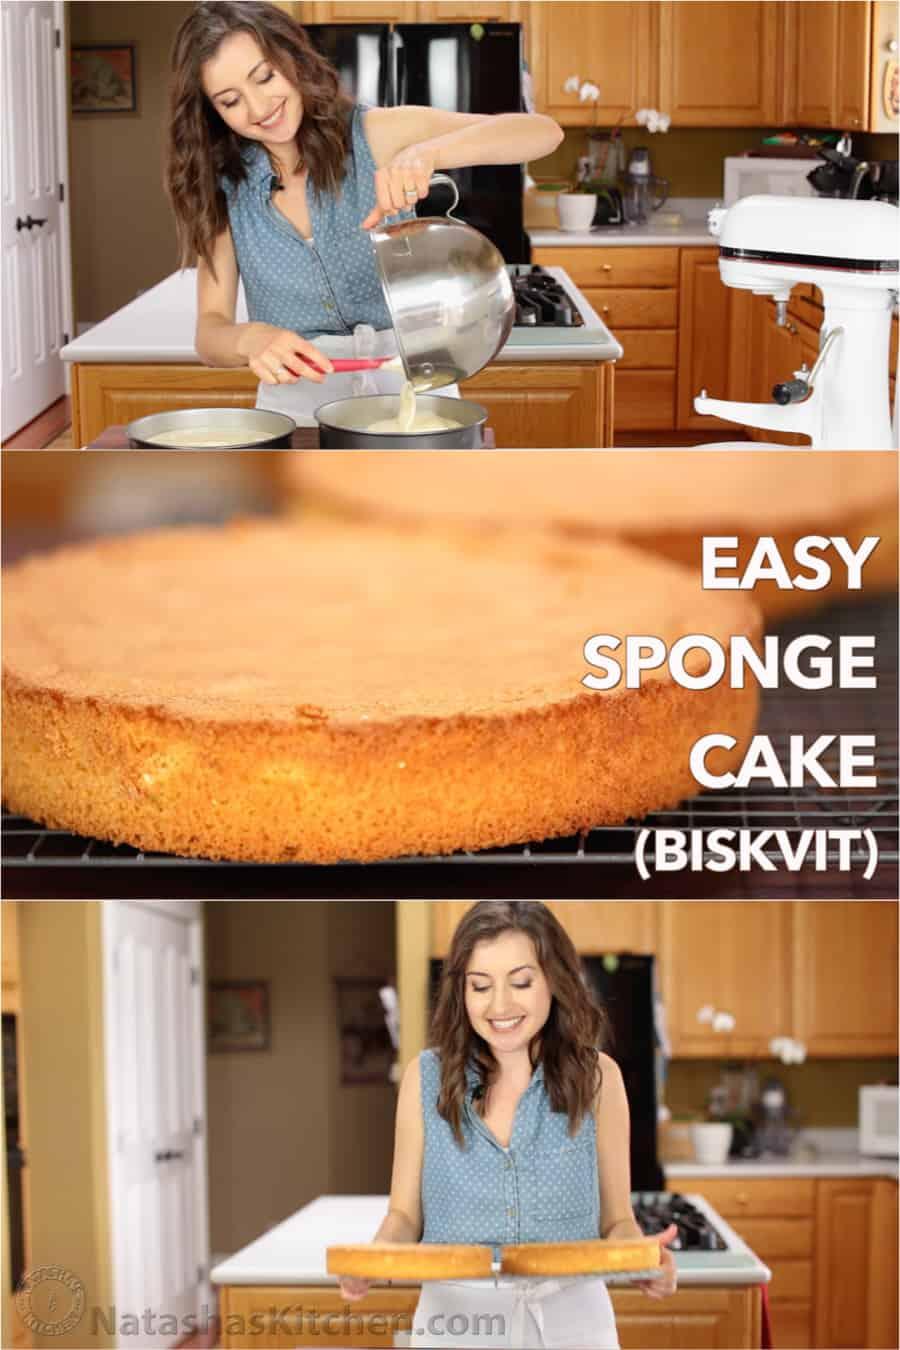 Easy sponge cake recipe classic genoise natasha 39 s kitchen for Natashas kitchen